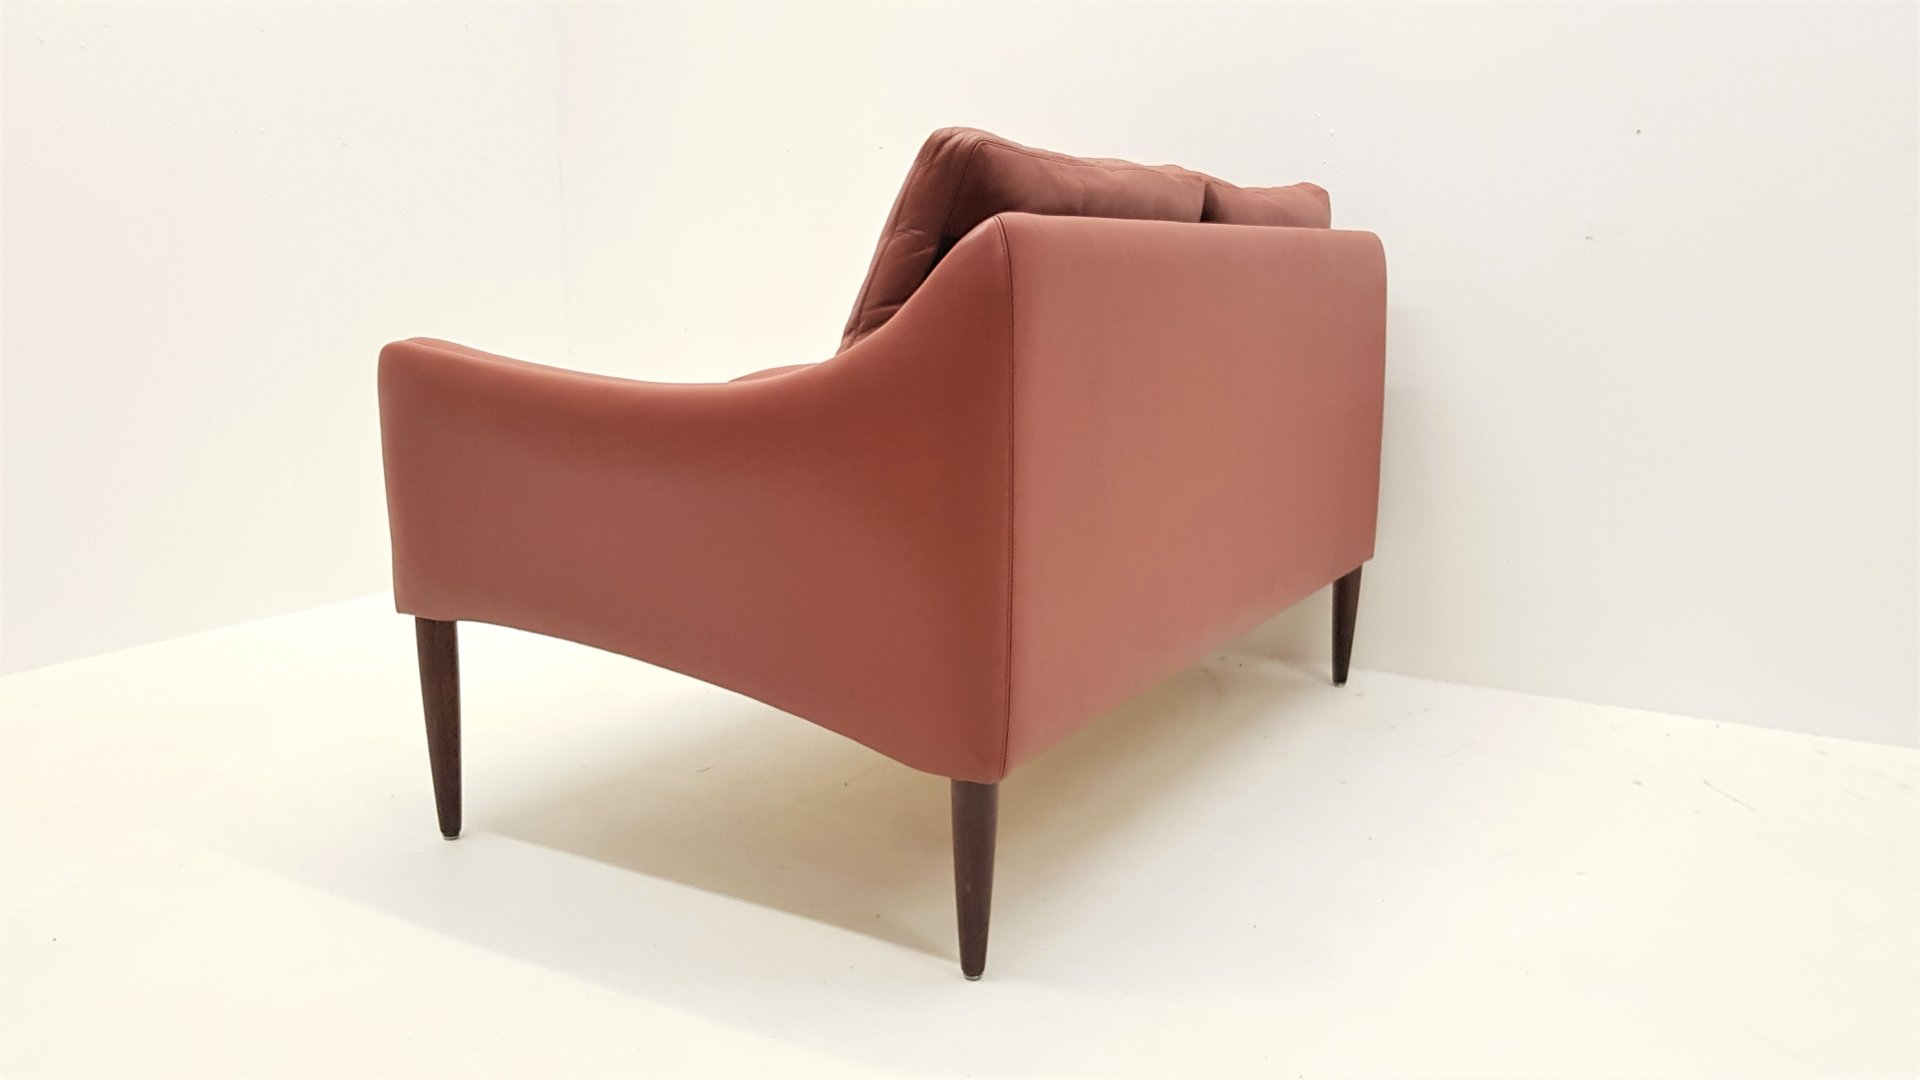 Model 800 2 Two Seater Sofa by Hans Olsen for CS Mobelfabrik